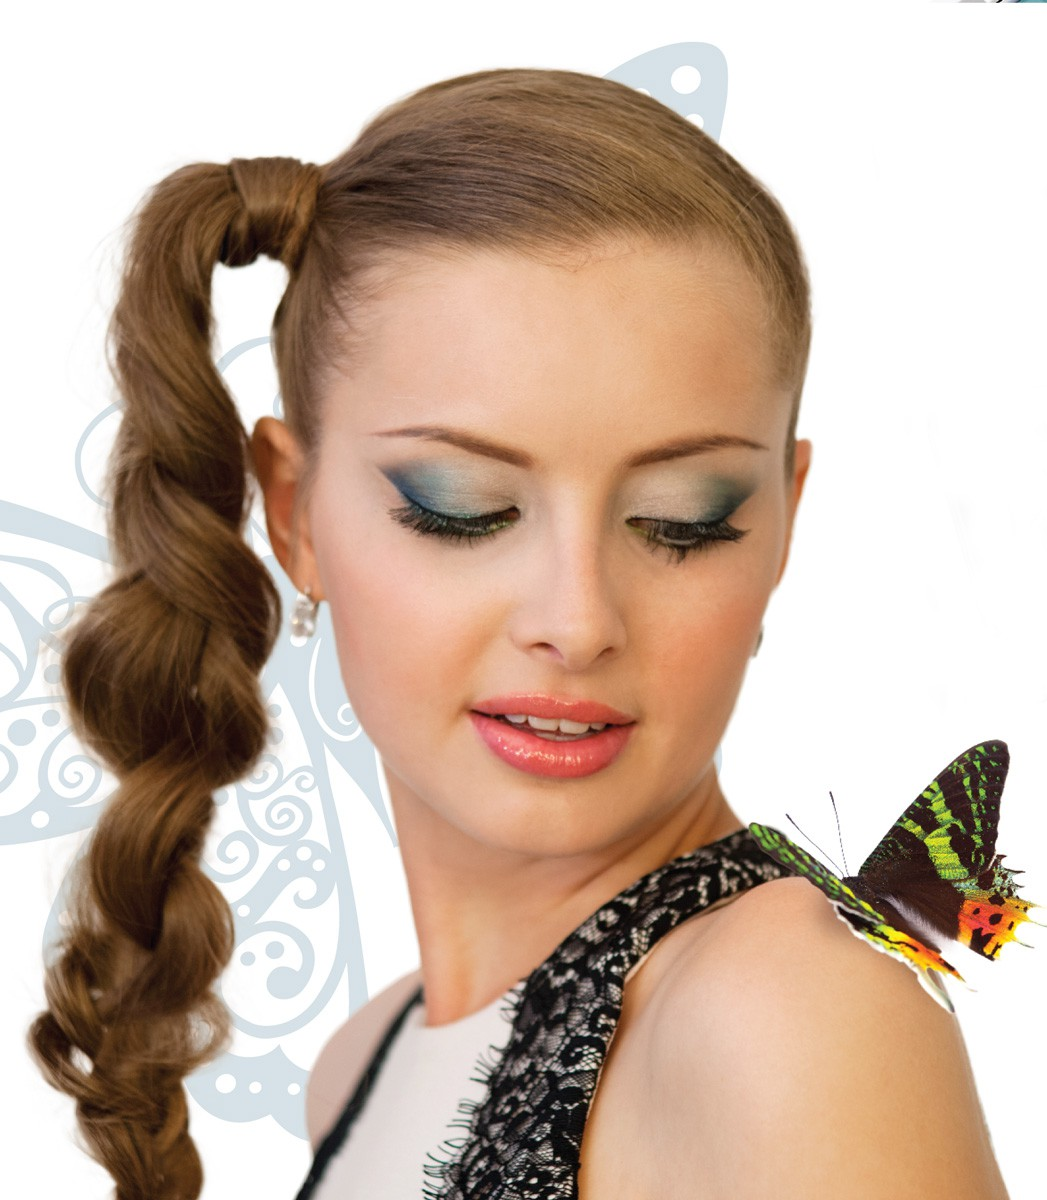 Набор 1+2: Eye Shadow Mint Ice-Cream [61773] (-50%) (1 шт) + Eye Shadow Ptichye Moloko [61772] (1 шт) + Eye Shadow White Pearl [61755] (1 шт)